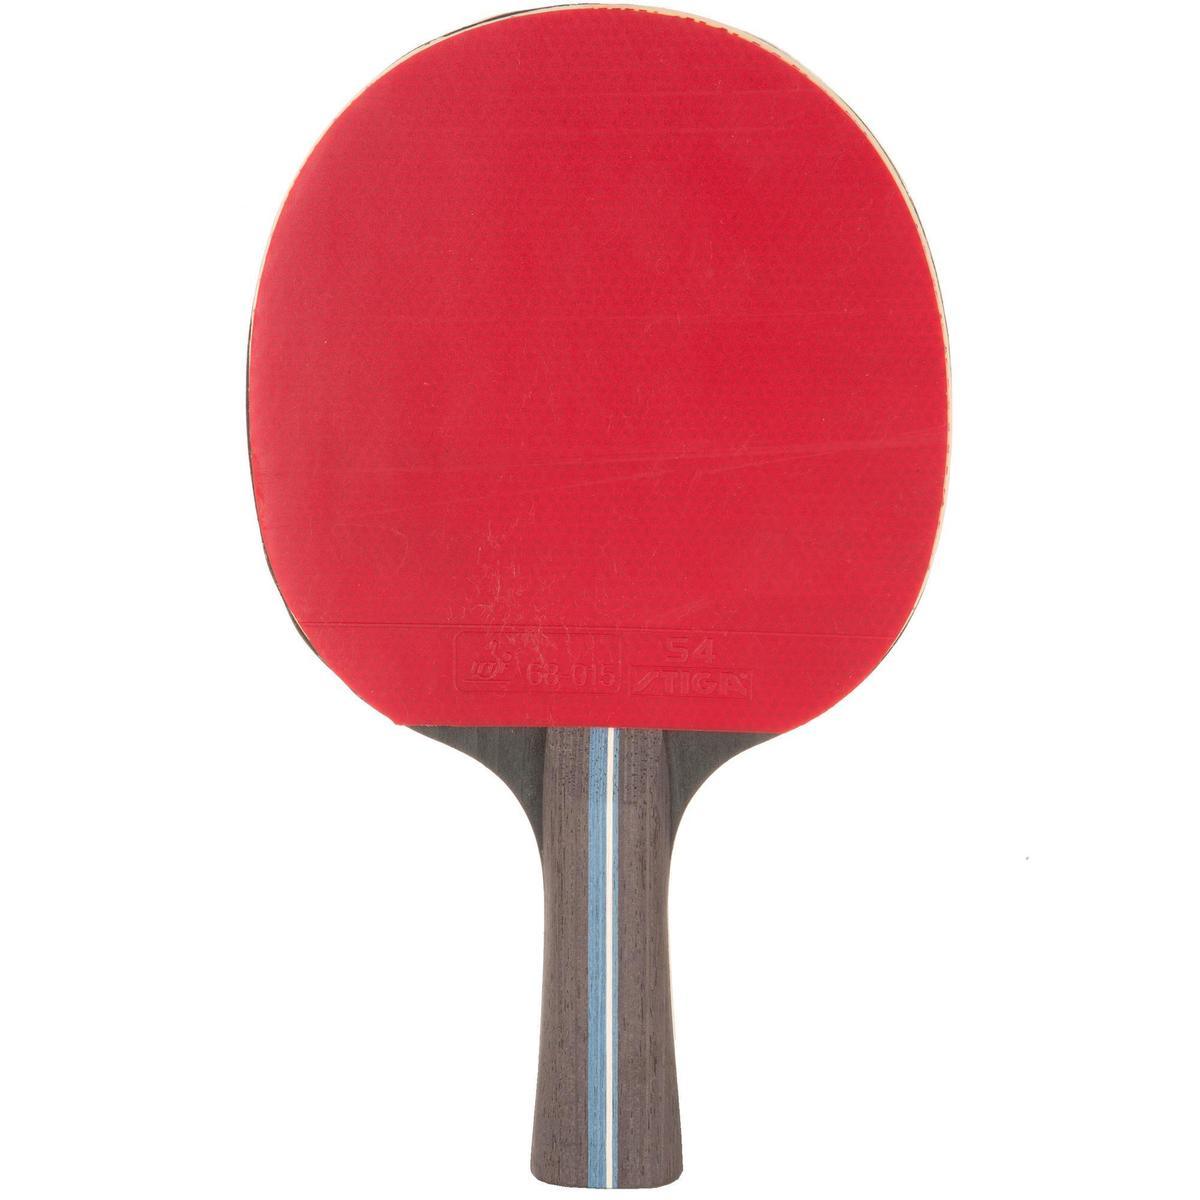 Bild 3 von Tischtennisschläger für Club und Schule Faktor 4*